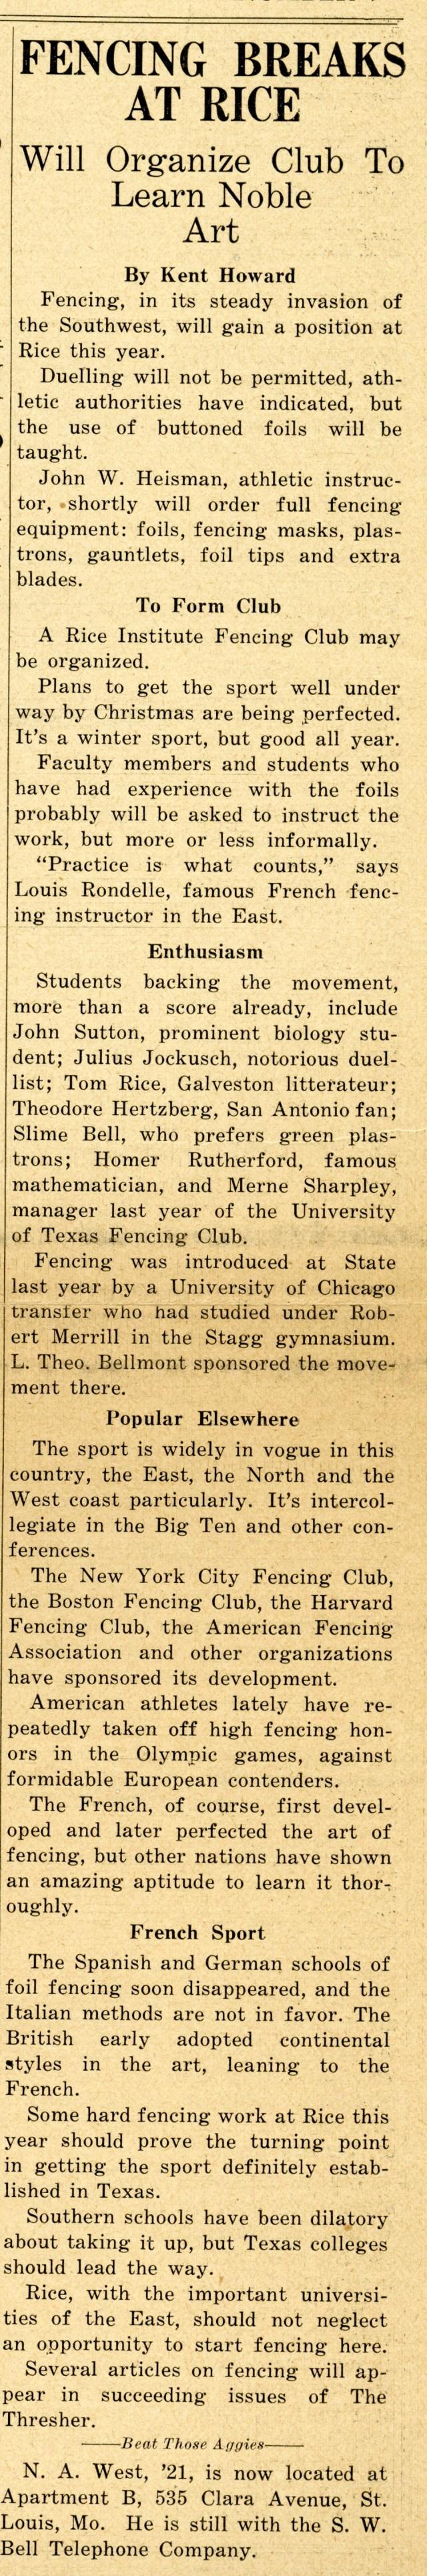 Fencing Nov 14 1924 051